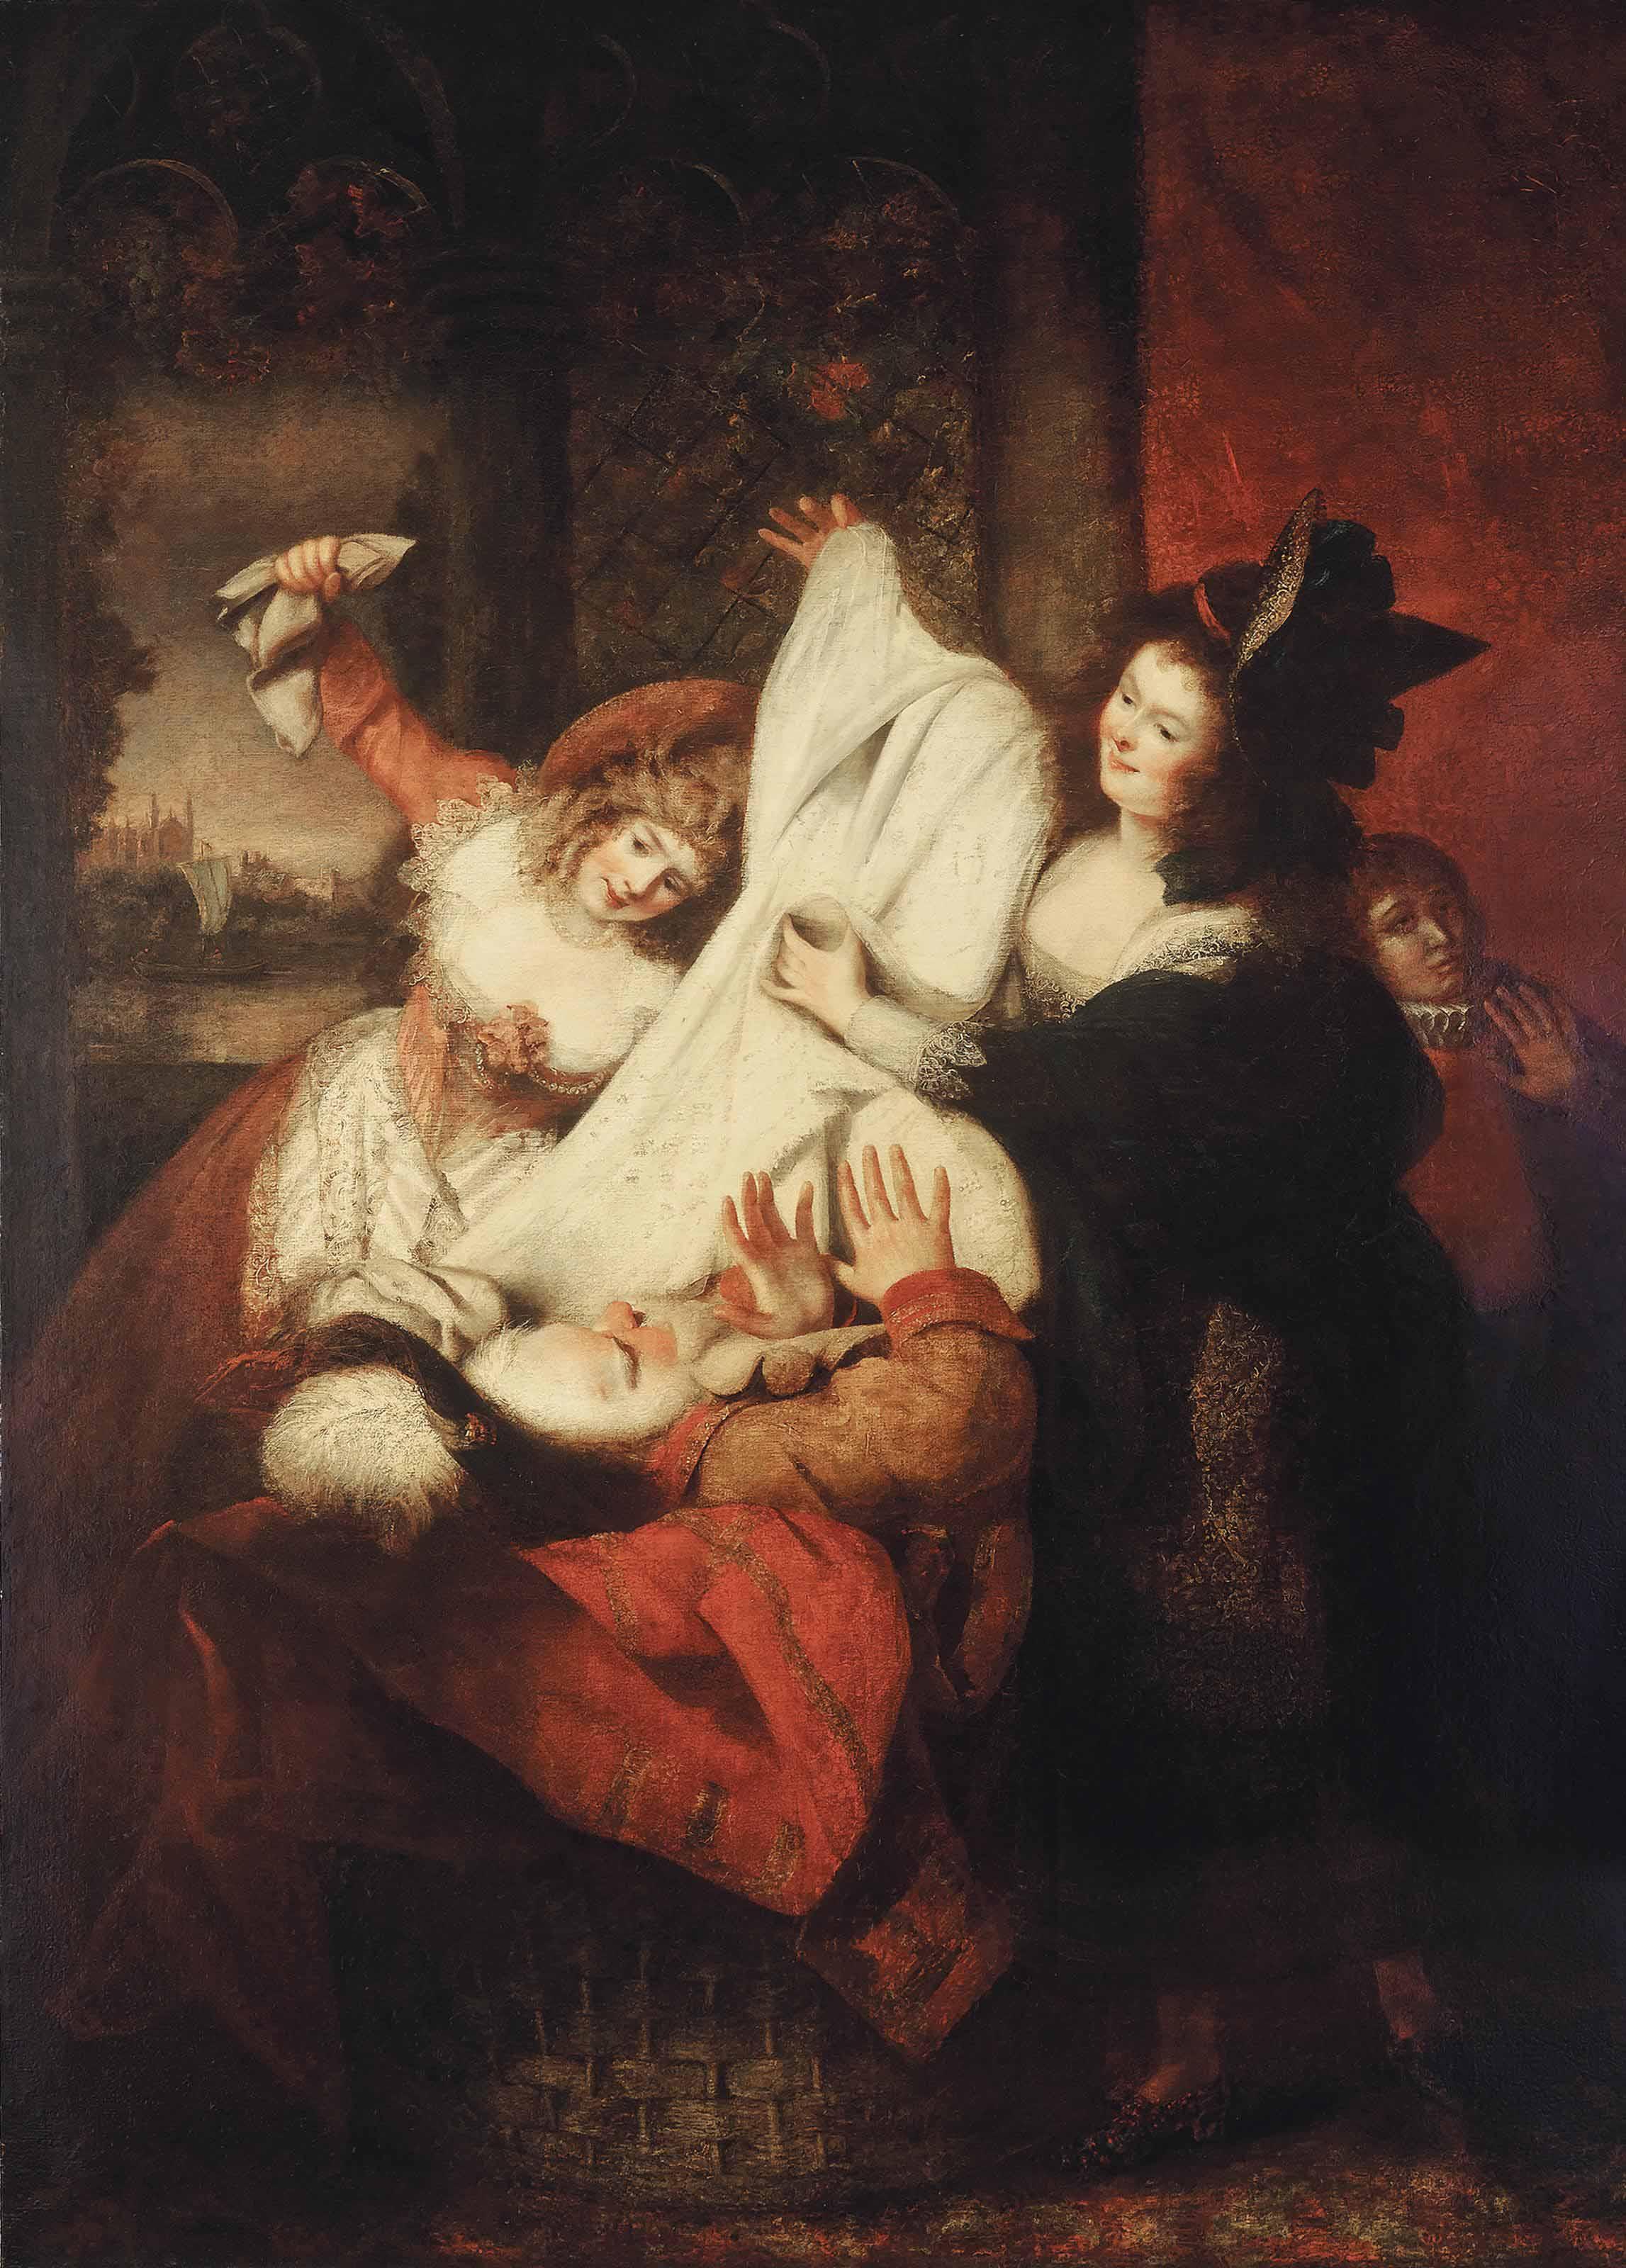 The Merry Wives of Windsor, Act III, Scene III